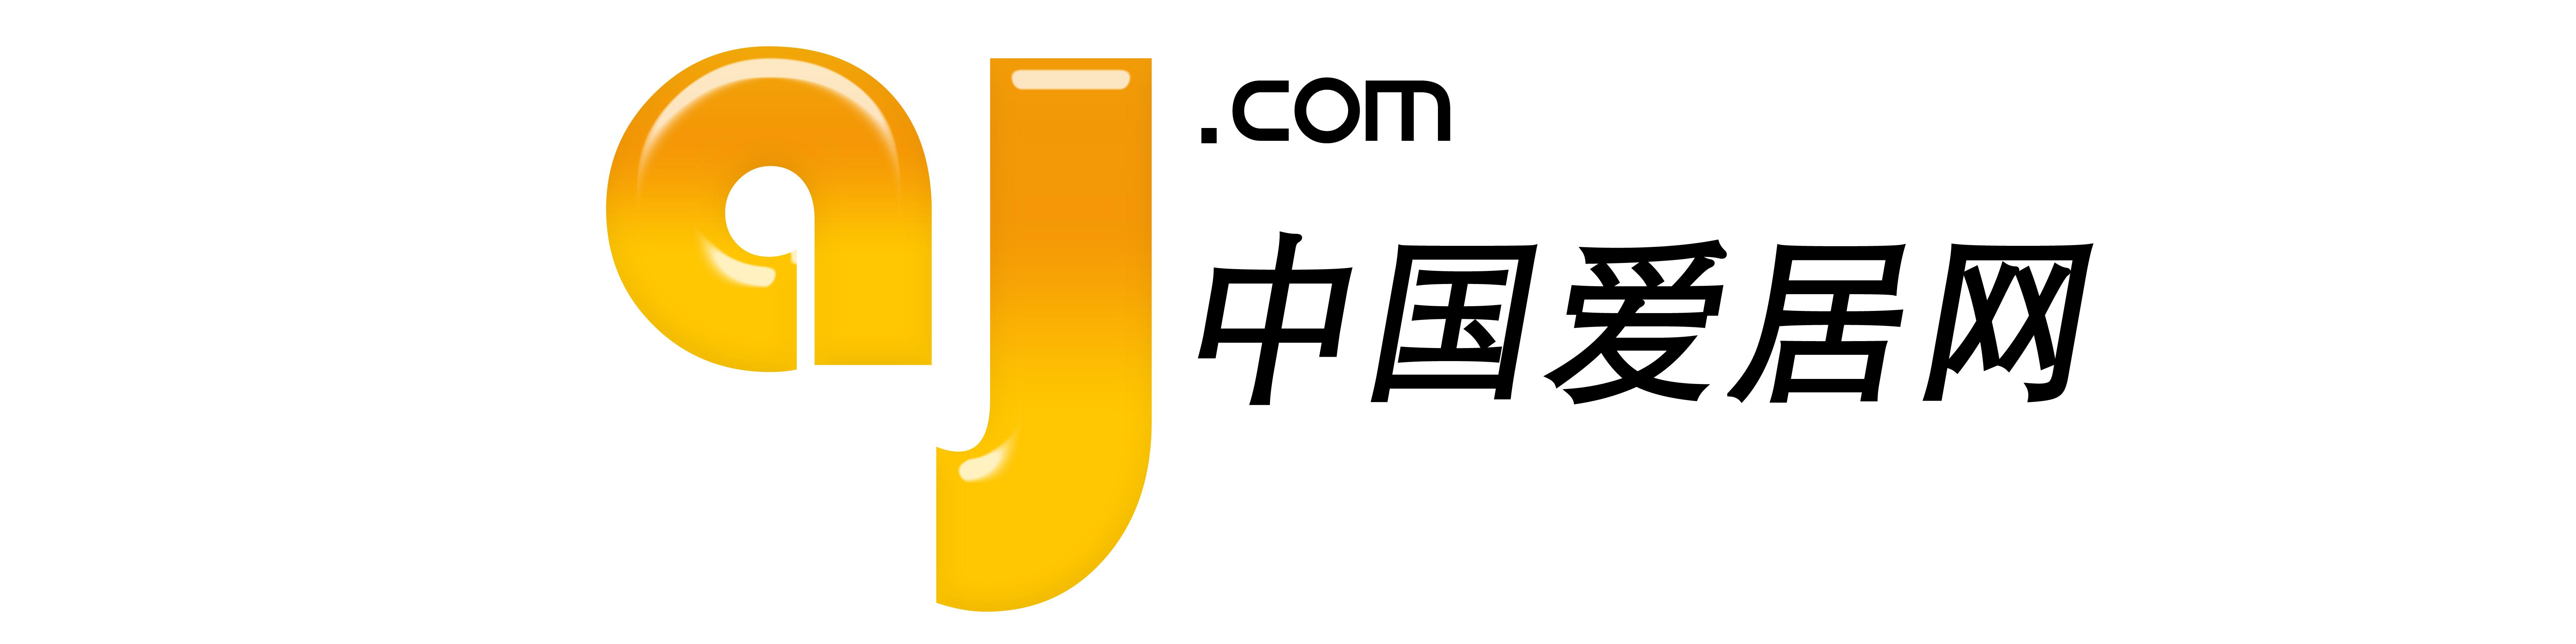 logo logo 标志 设计 矢量 矢量图 素材 图标 7087_1771